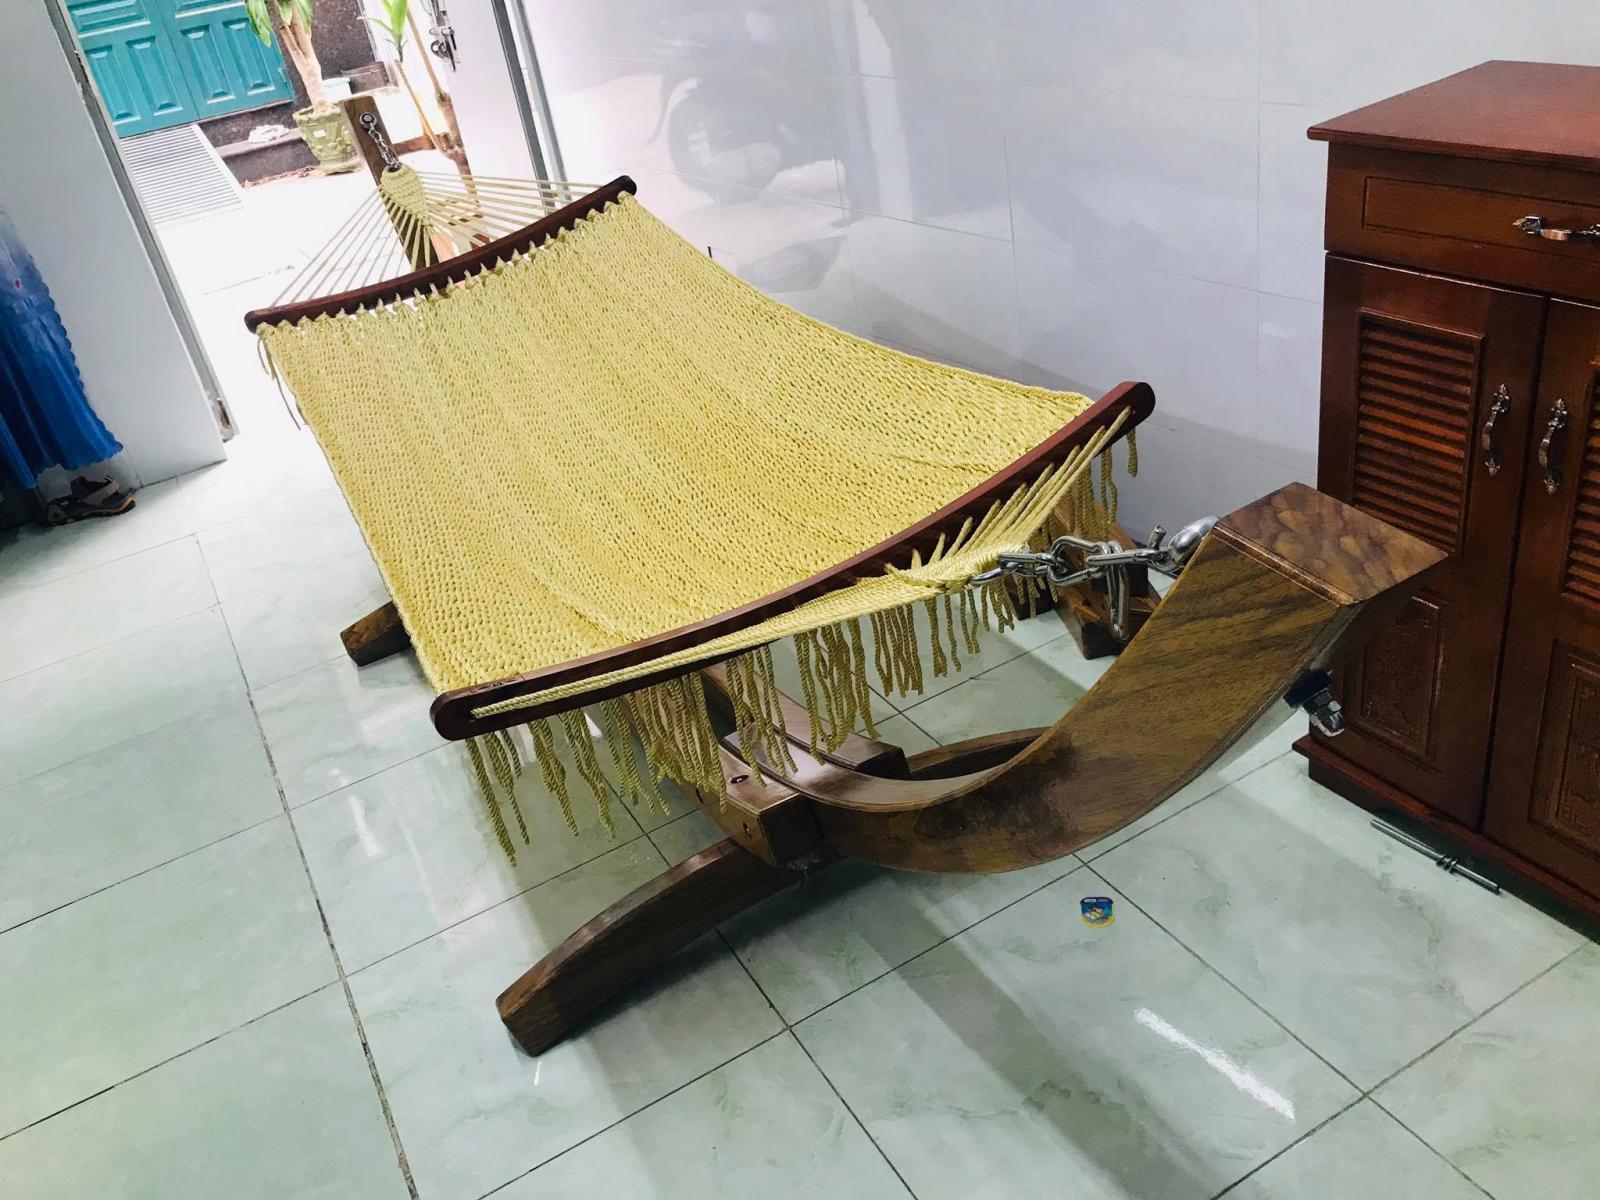 Khung võng gỗ đẹp tại TP Hà Tĩnh khẳng định vẻ đẹp đẳng cấp